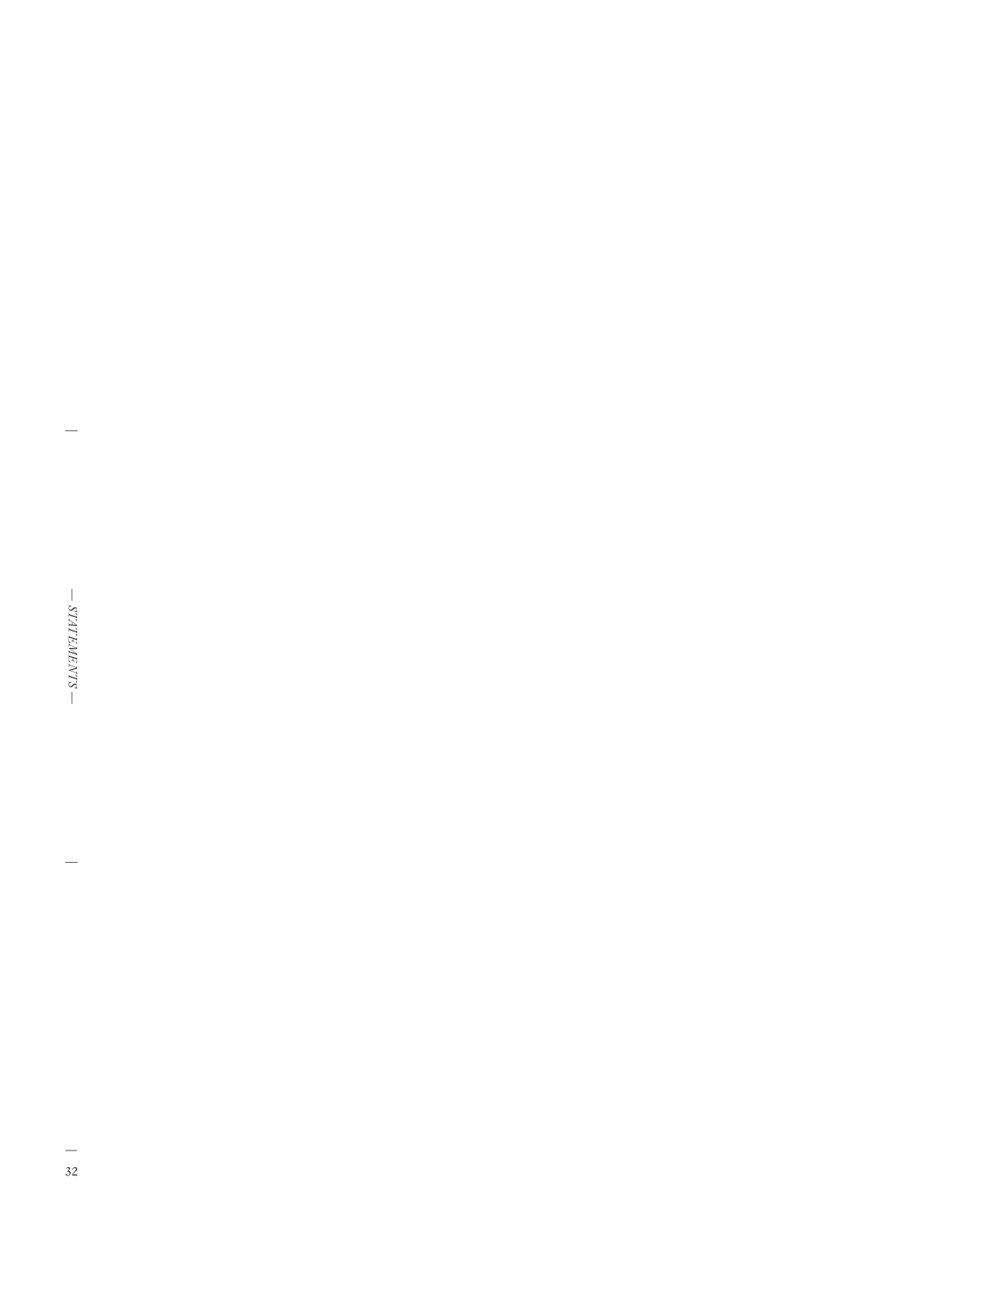 RAW - Statement IV_Embodies_JAN-18_lite-32.jpg